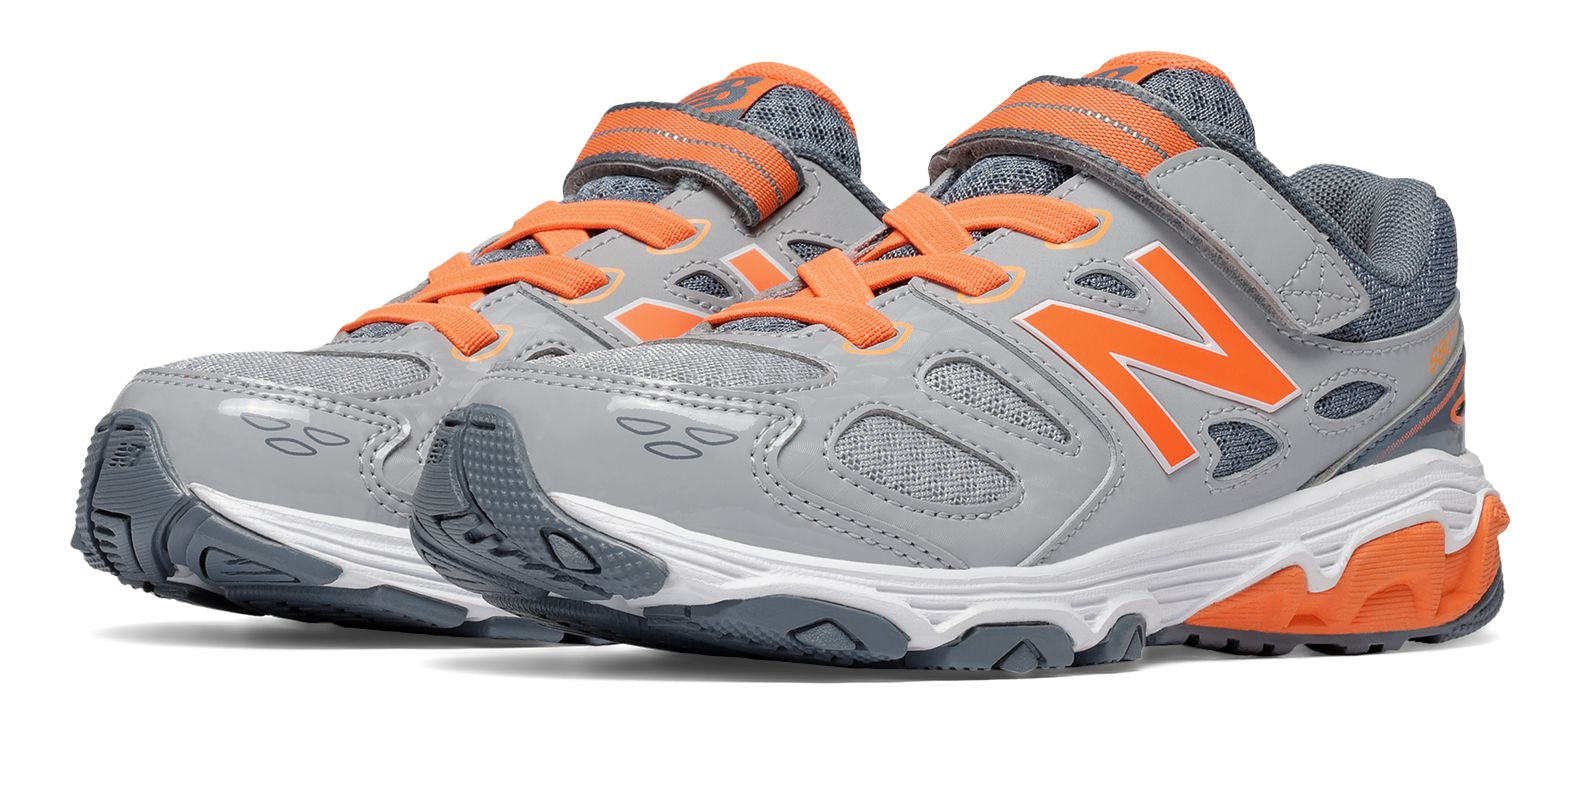 New Balance Kids Shoes on Sale | Discount Kids Shoes | Joe\u0027s New Balance  Outlet